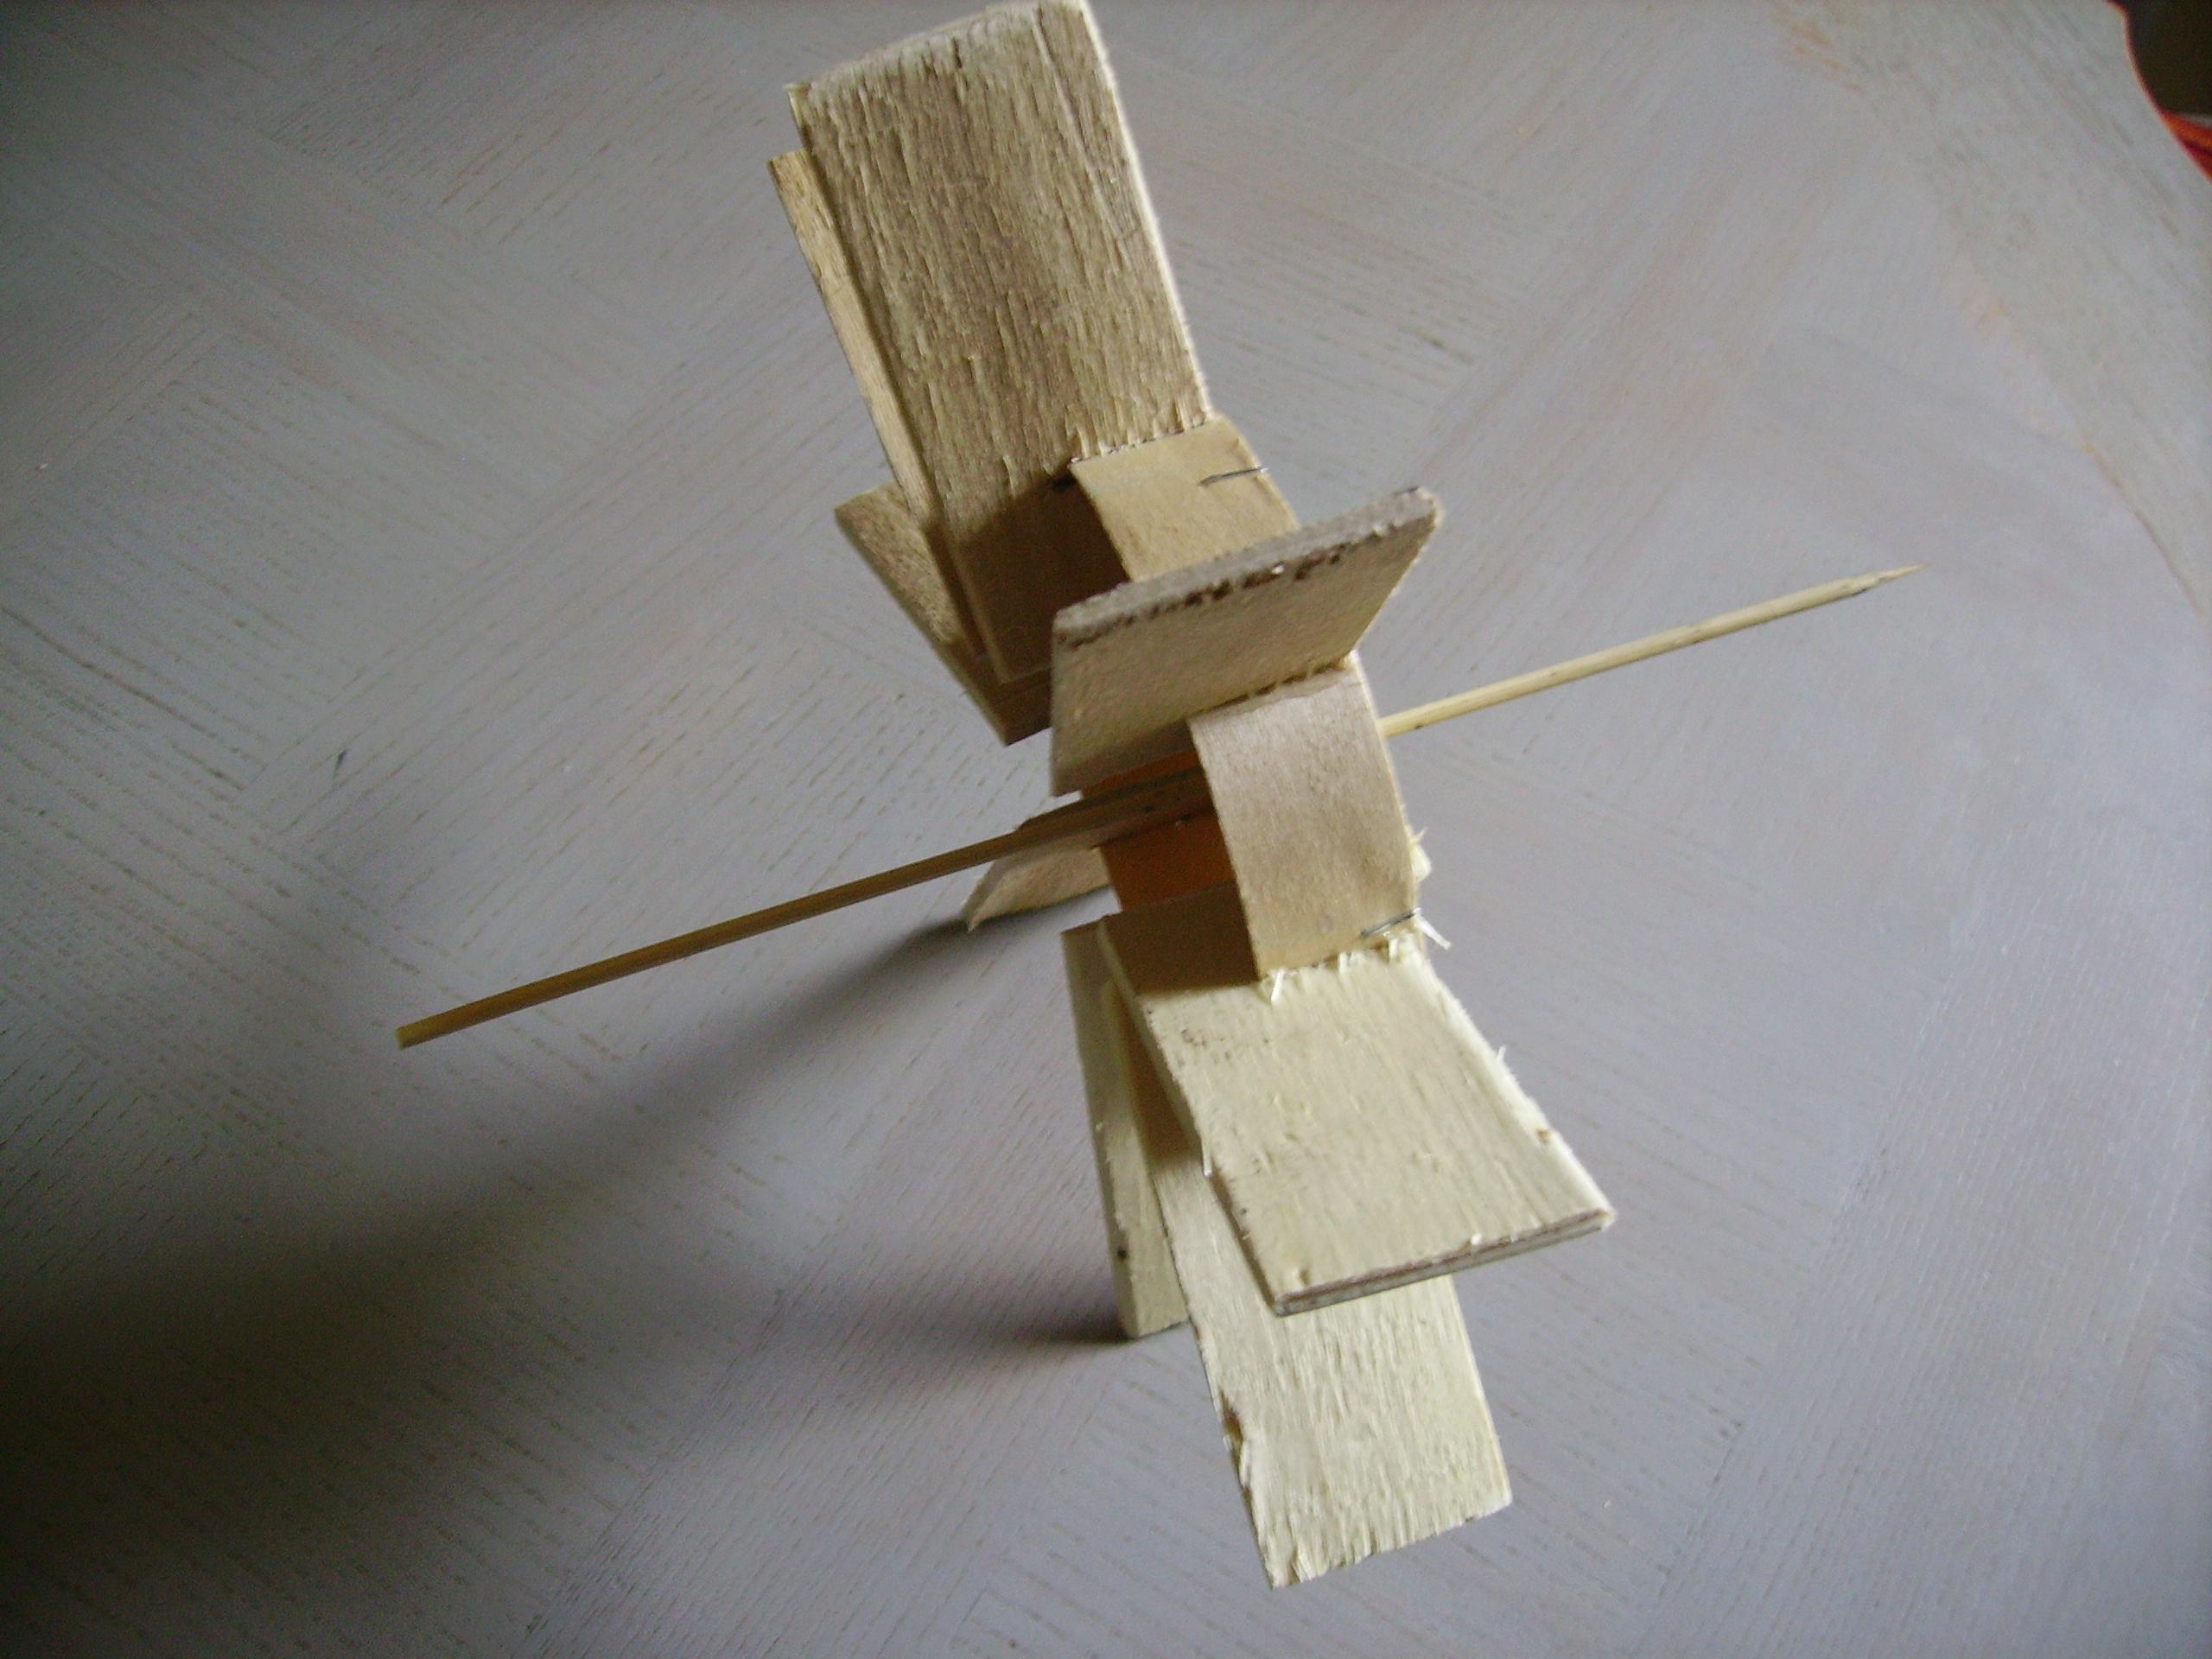 Atelier de bricolage fabriquer un moulin pousse toi de mon soleil - Moulin a vent en bois a fabriquer ...